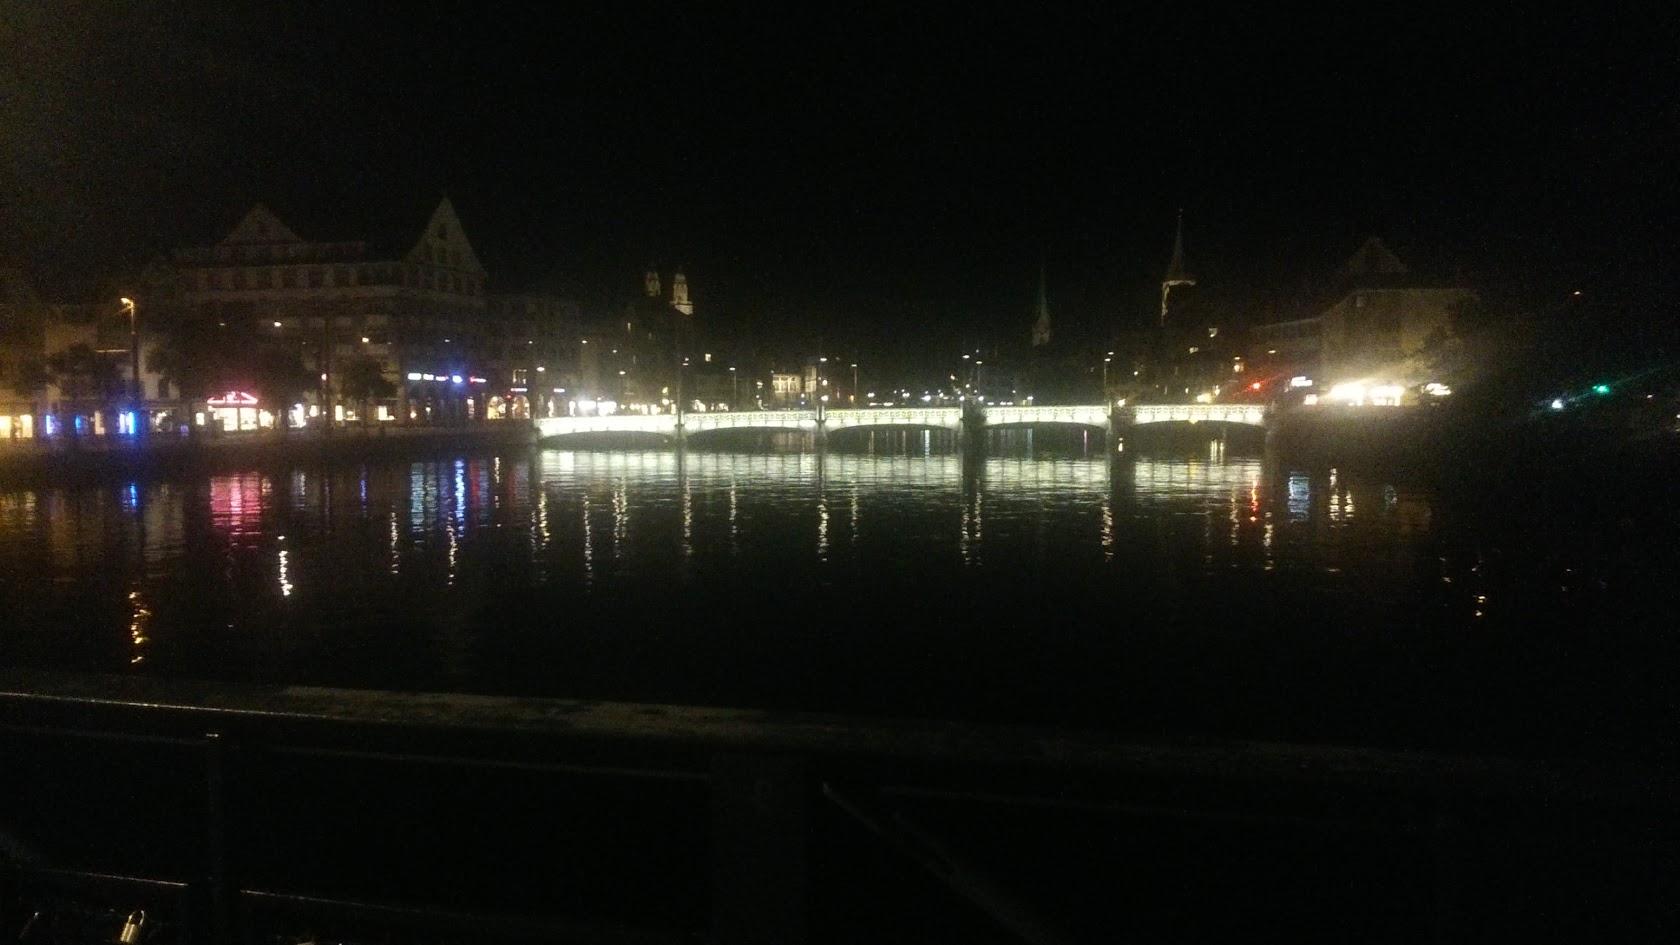 Размытое фото каналов и мостиков в центре Цюриха